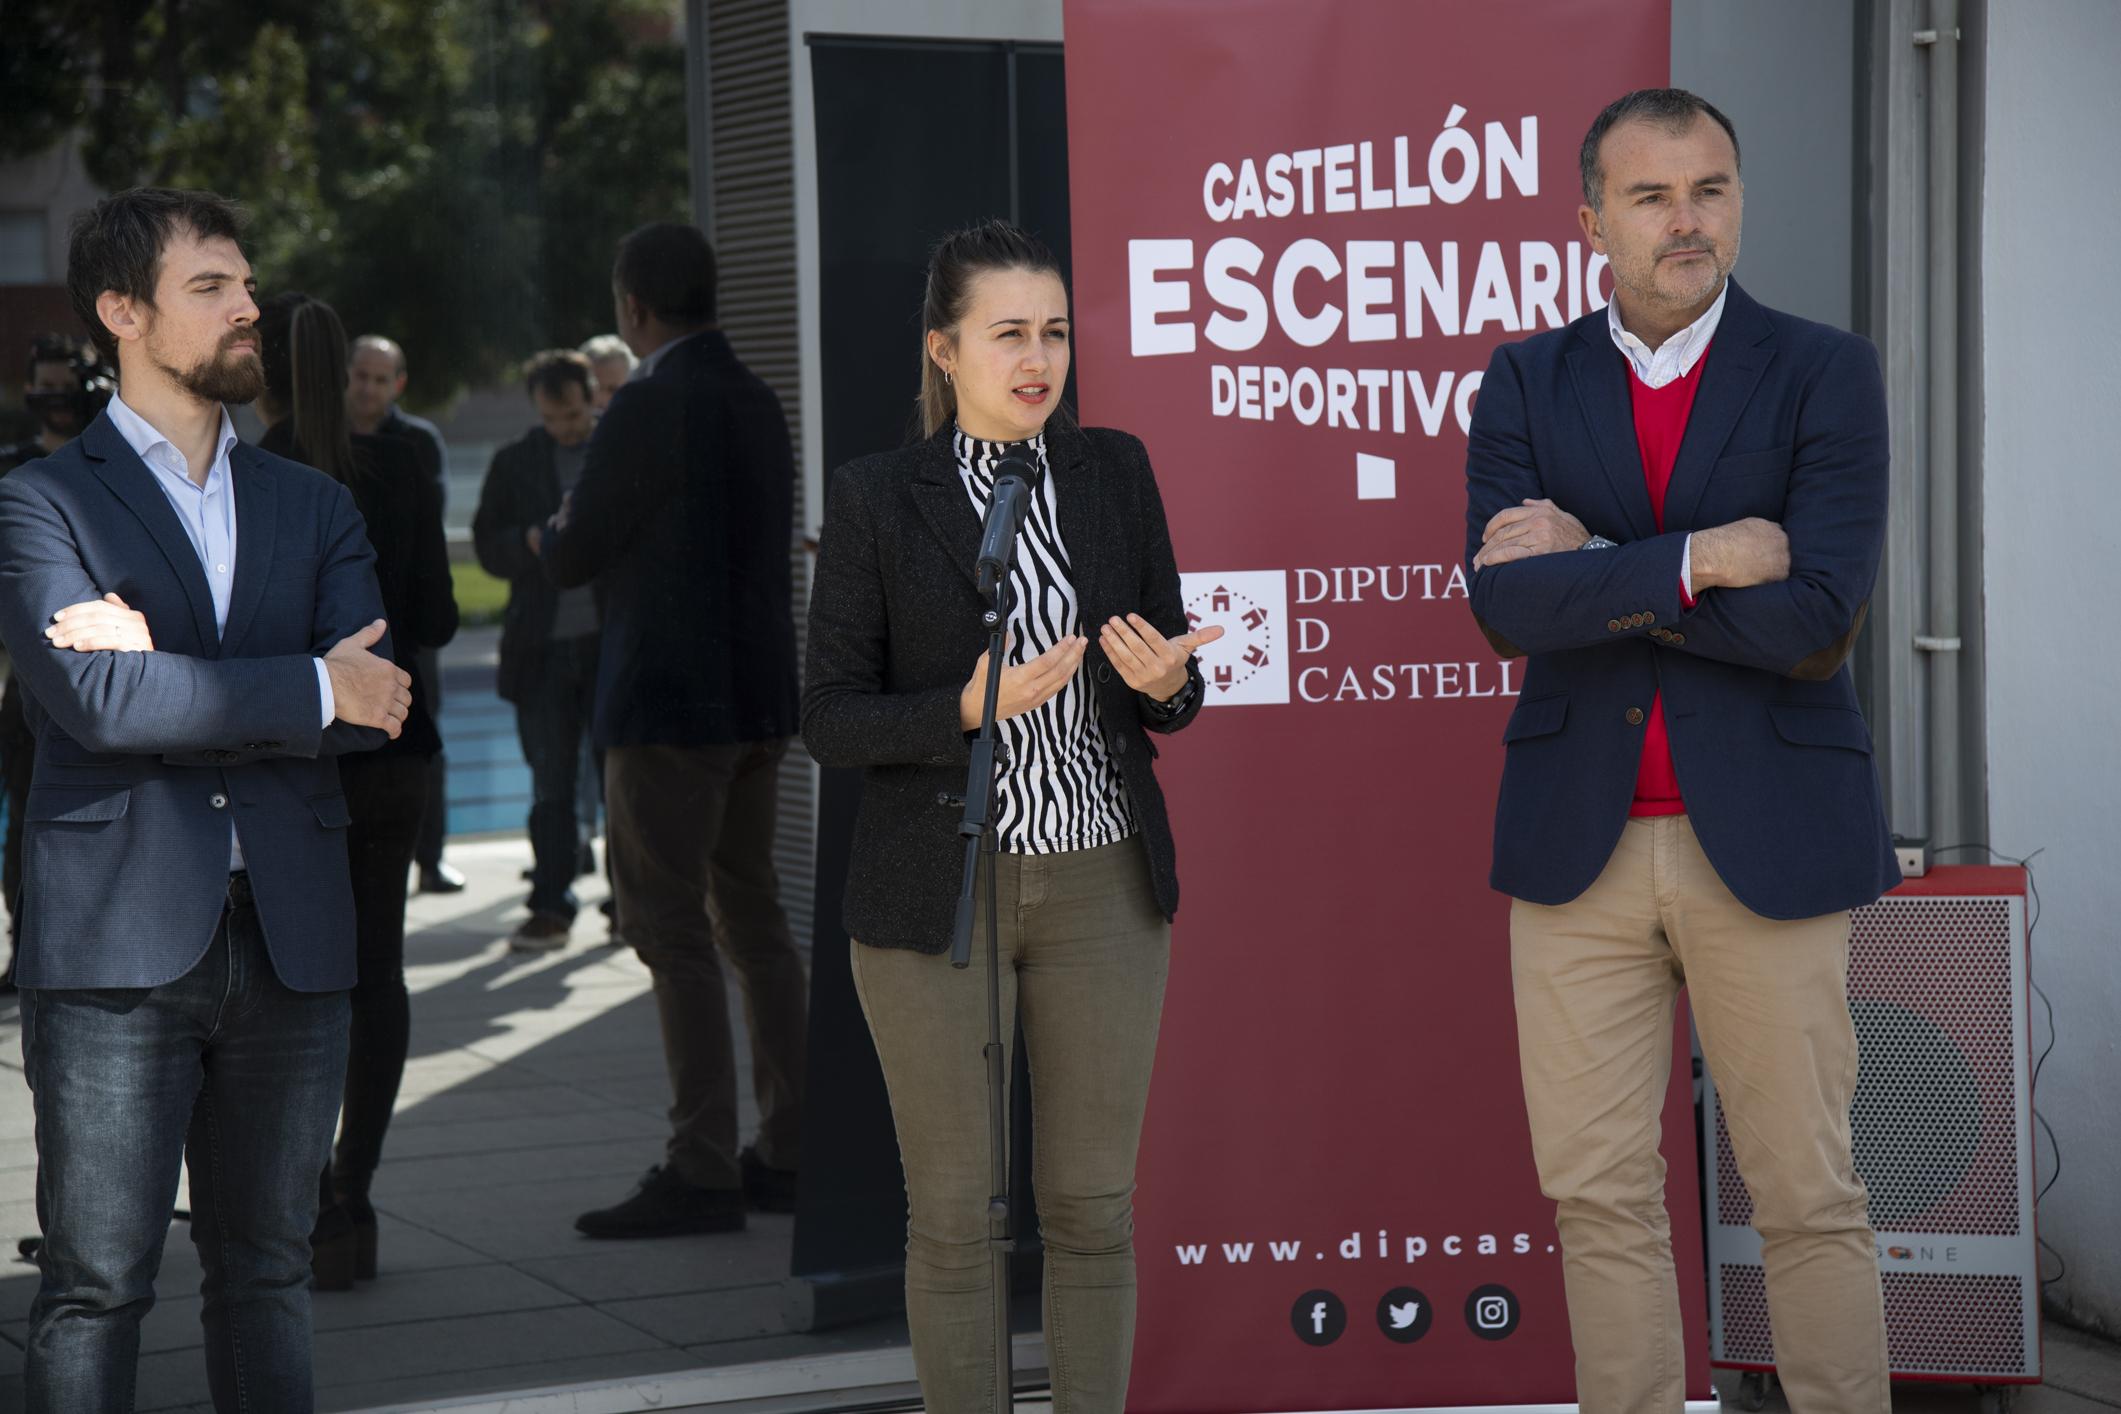 La Diputació invertirà  en 2020 més de 4,5 milions d'euros en política esportiva